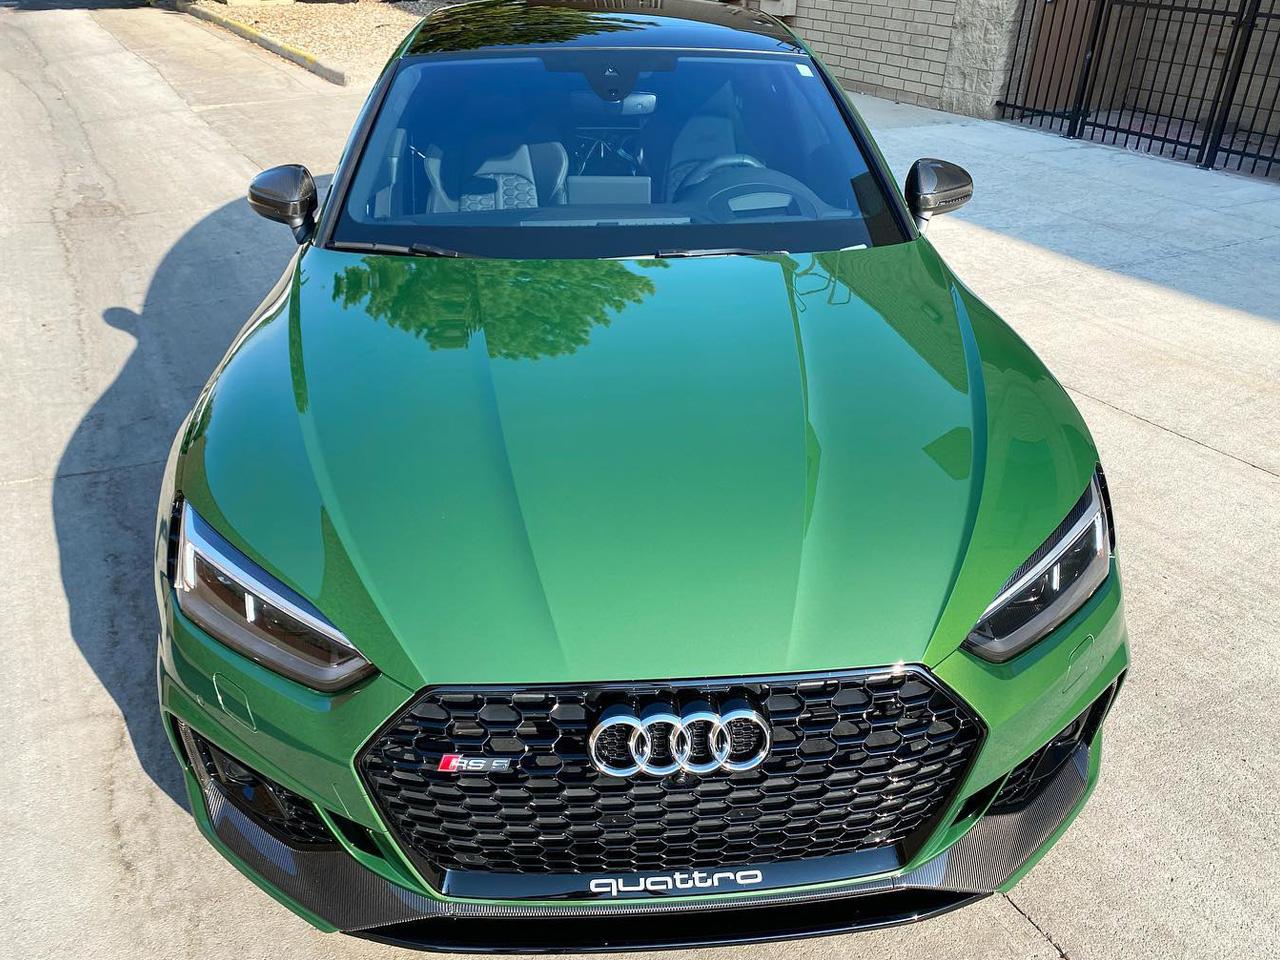 Audi RS5 ceramic coating